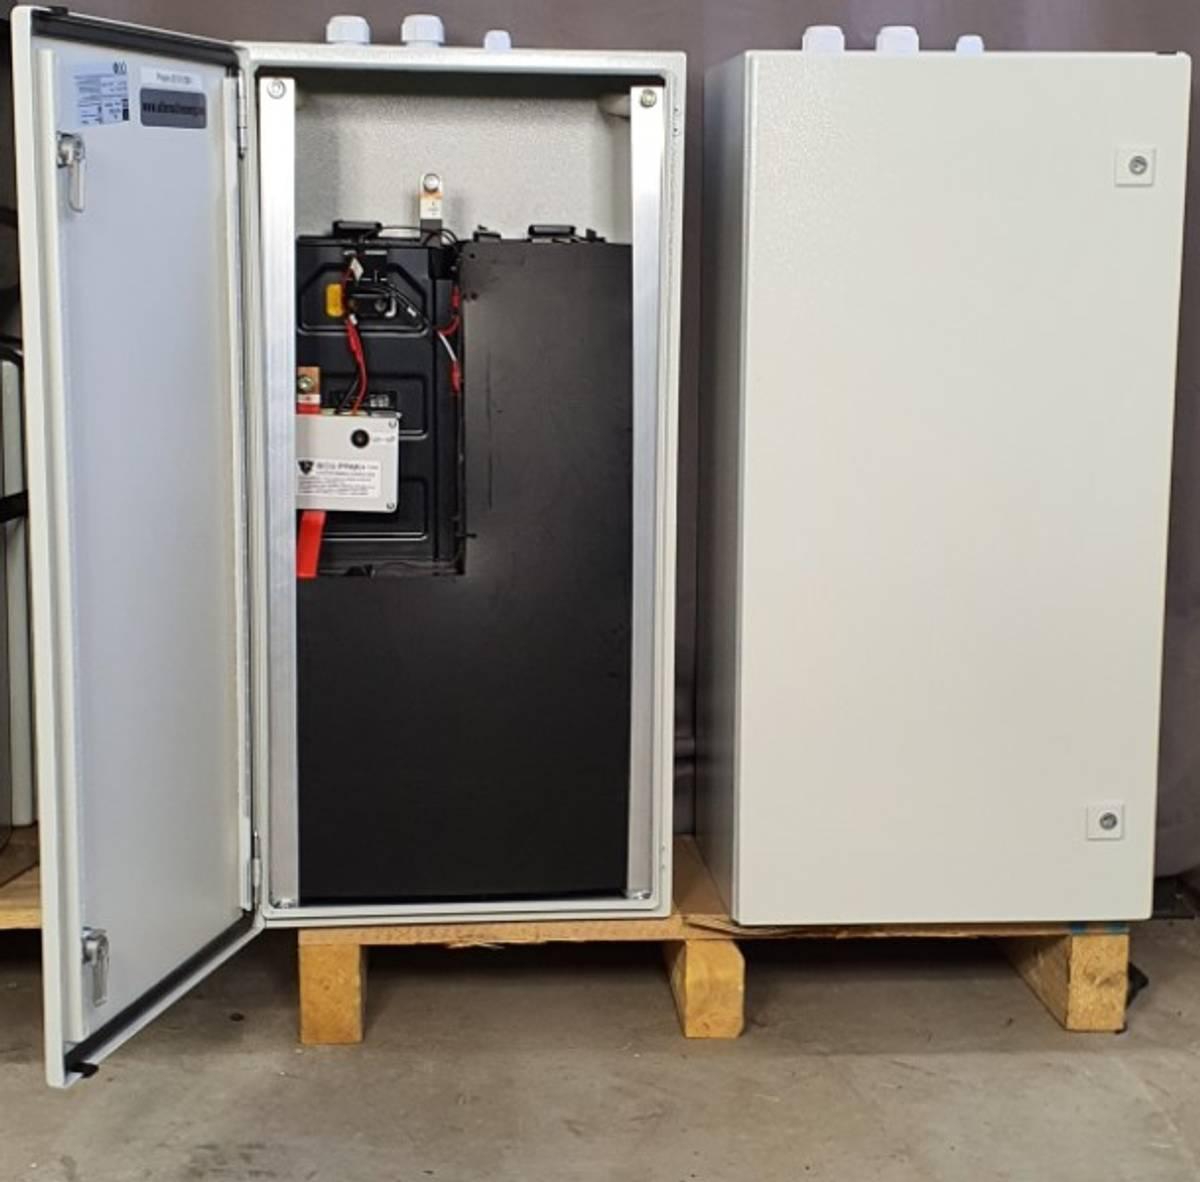 Komplett Kraftpakke 48V-7,5kWh LITIUM batteri - 5000W Inverter